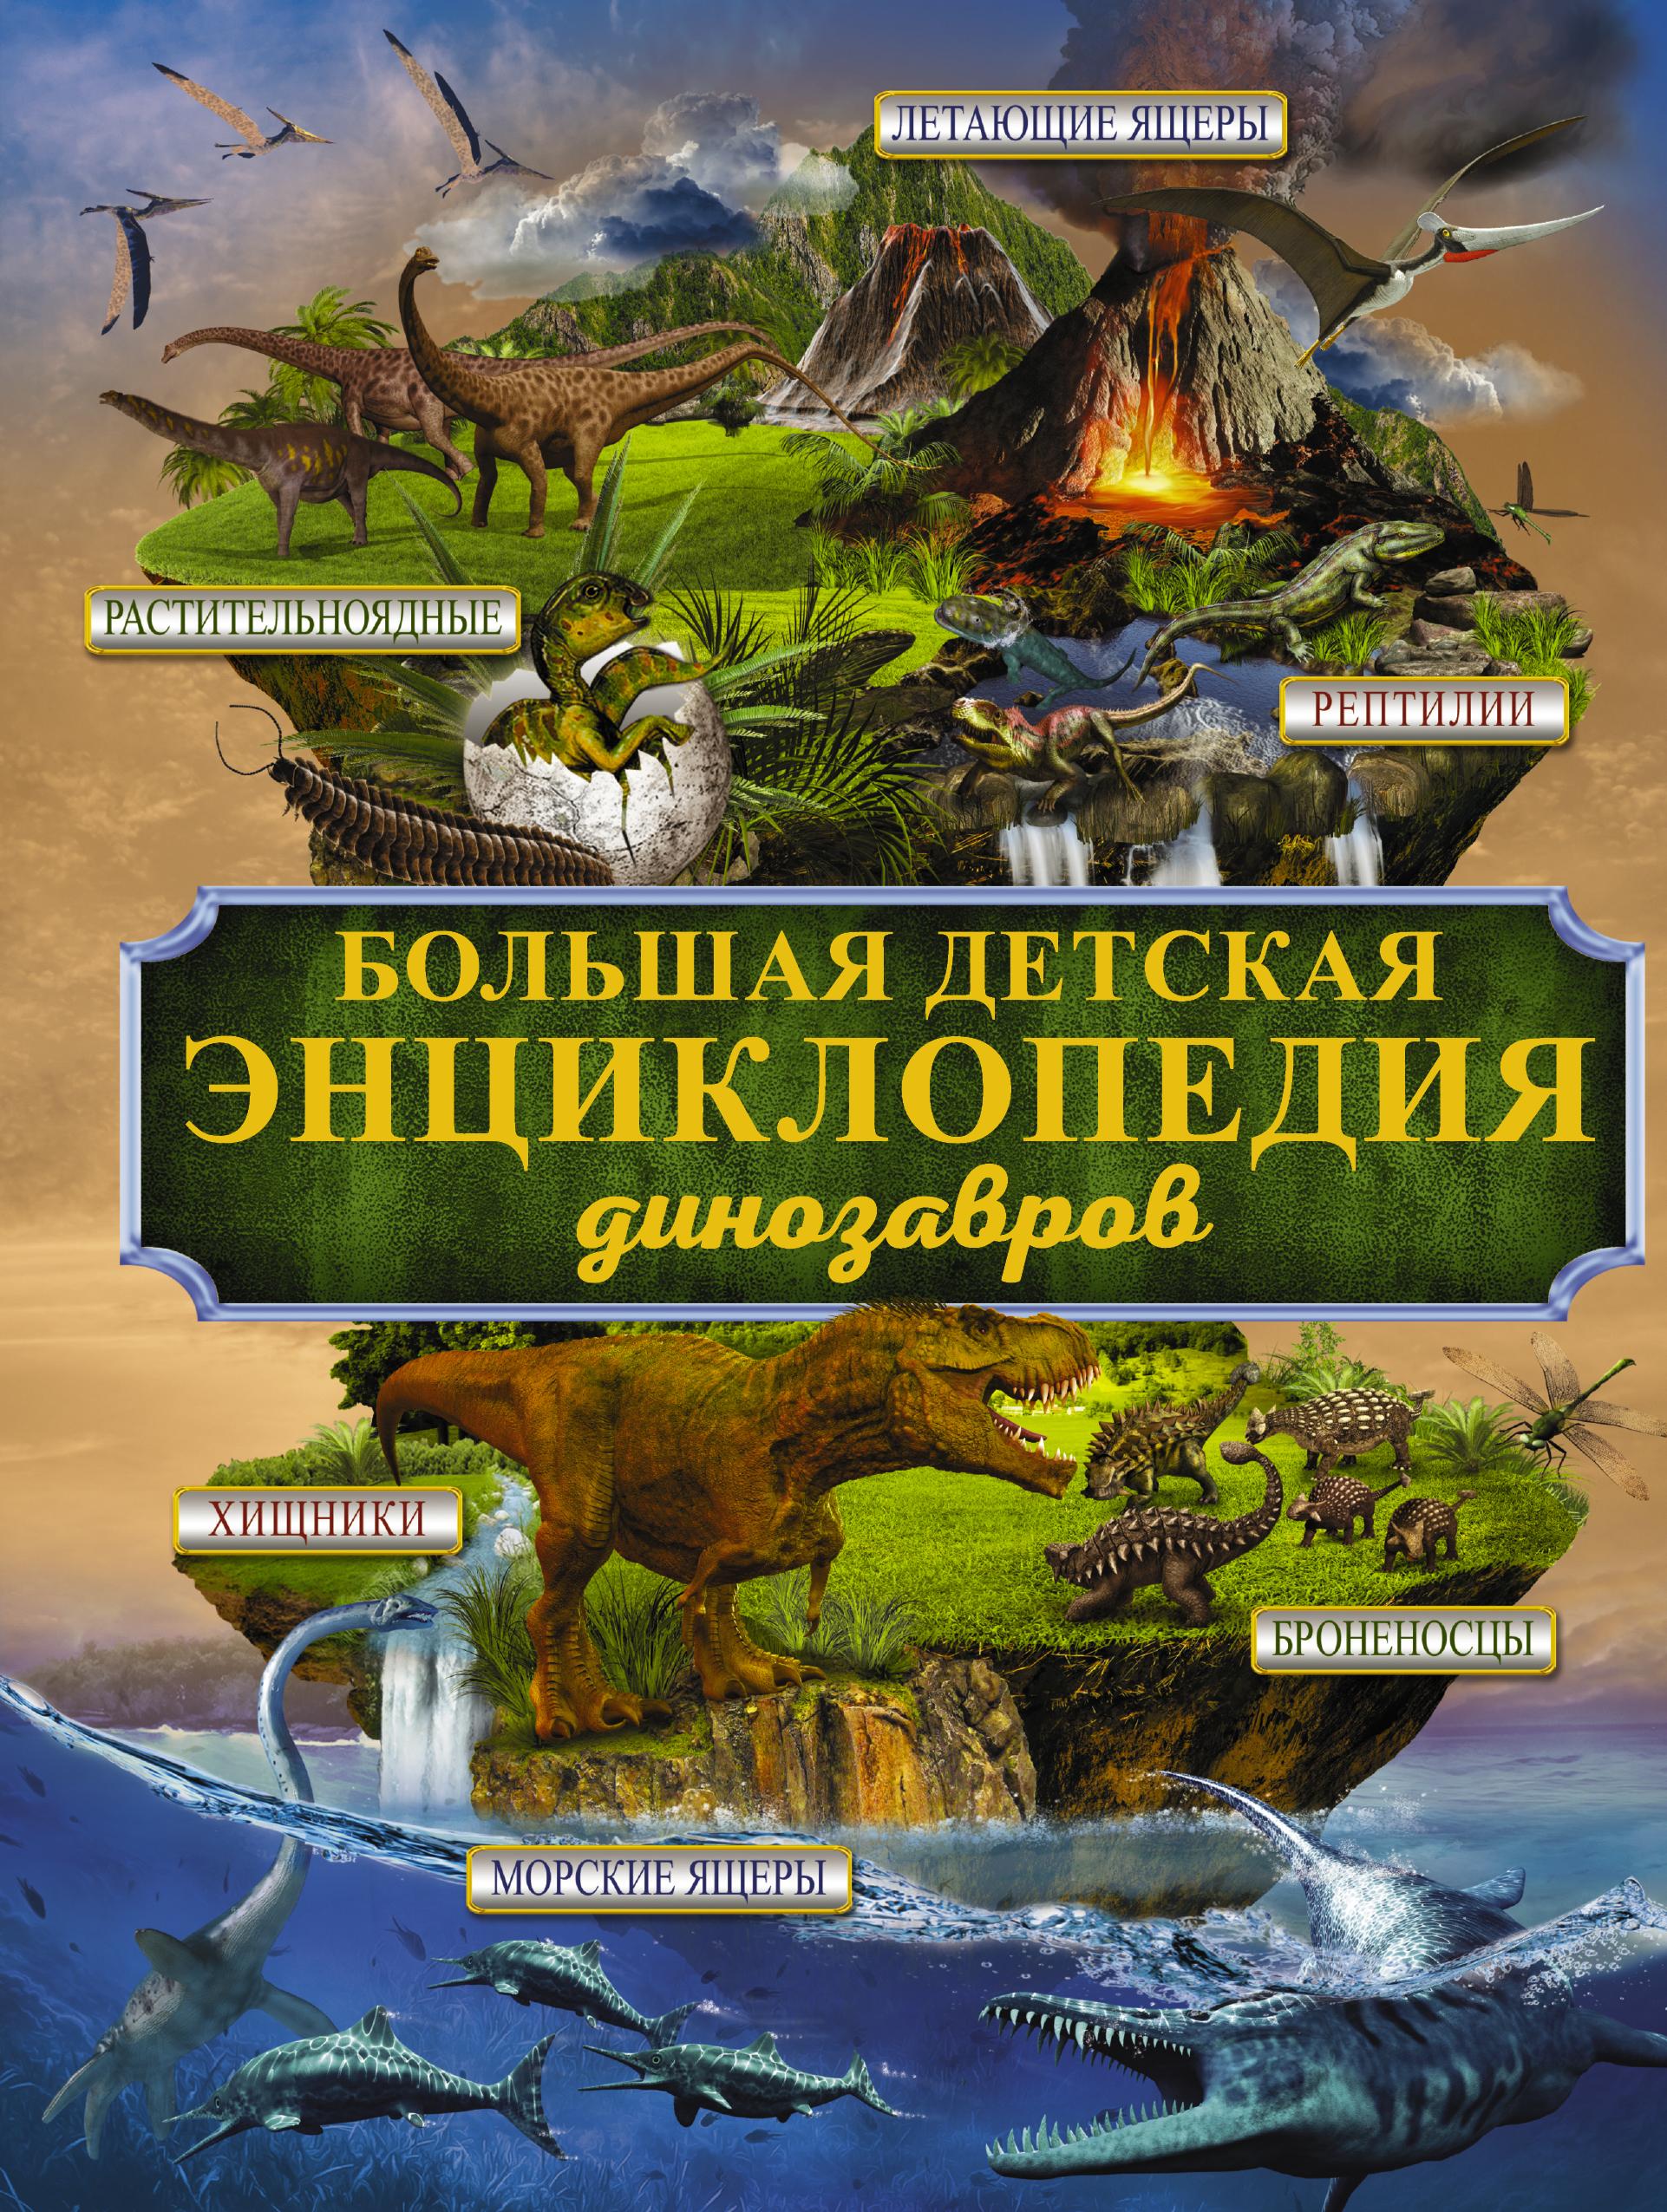 . Большая детская энциклопедия динозавров эймис ли дж рисуем 50 динозавров и других доисторических животных